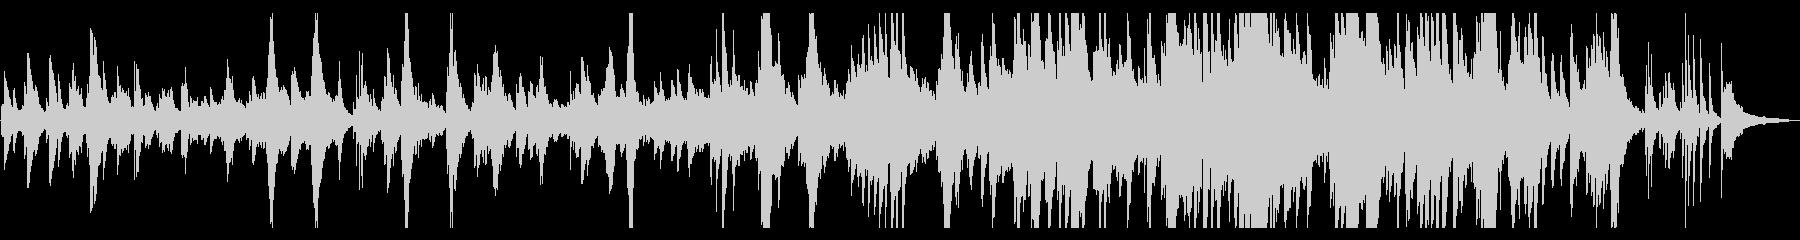 映像・ムービー 明るく感動的なピアノソロの未再生の波形